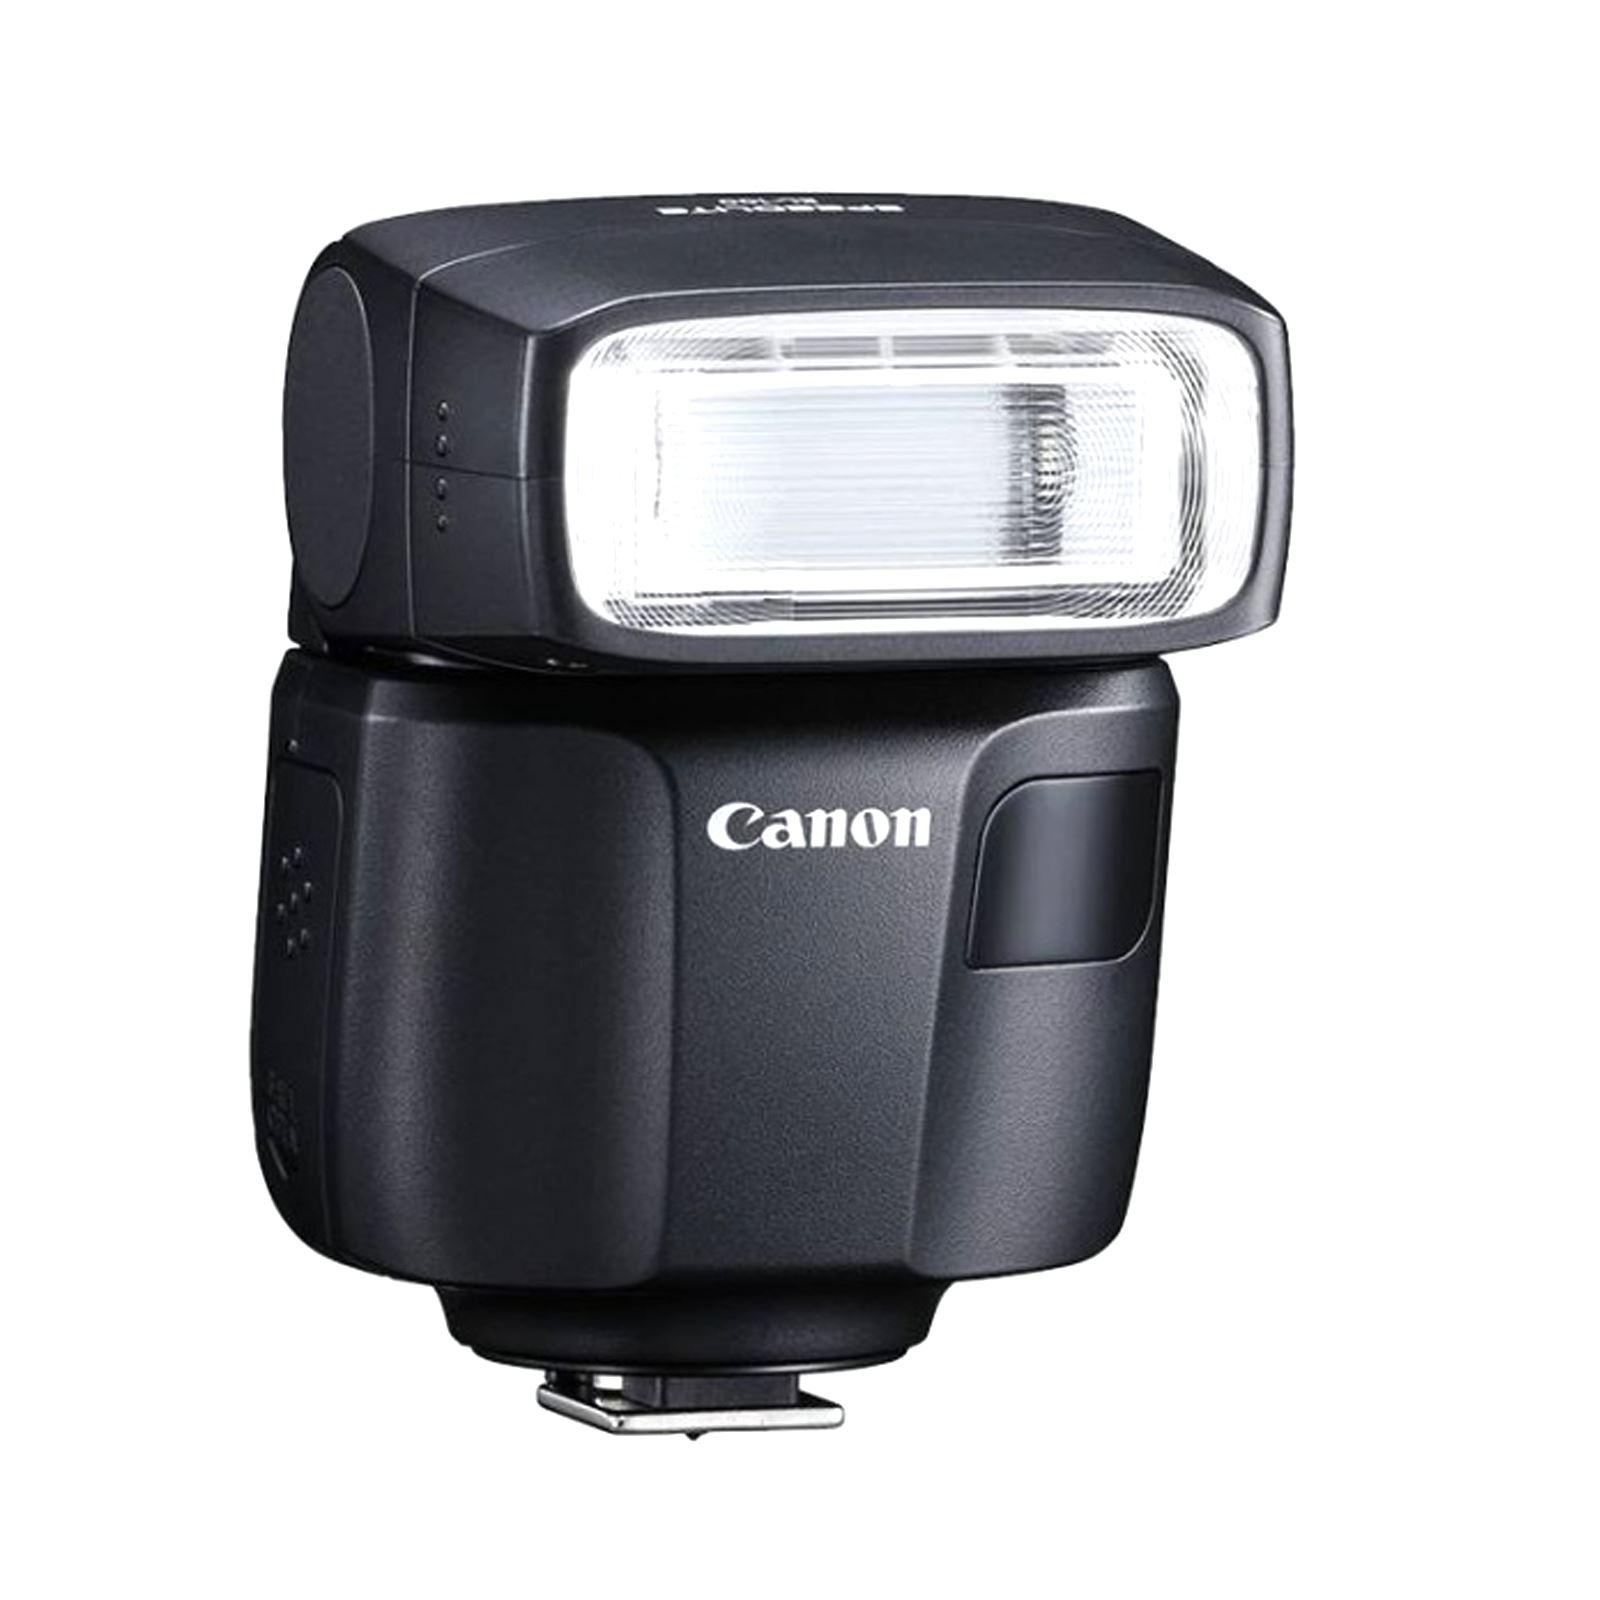 Image of Canon Speedlite EL-100 Flashgun